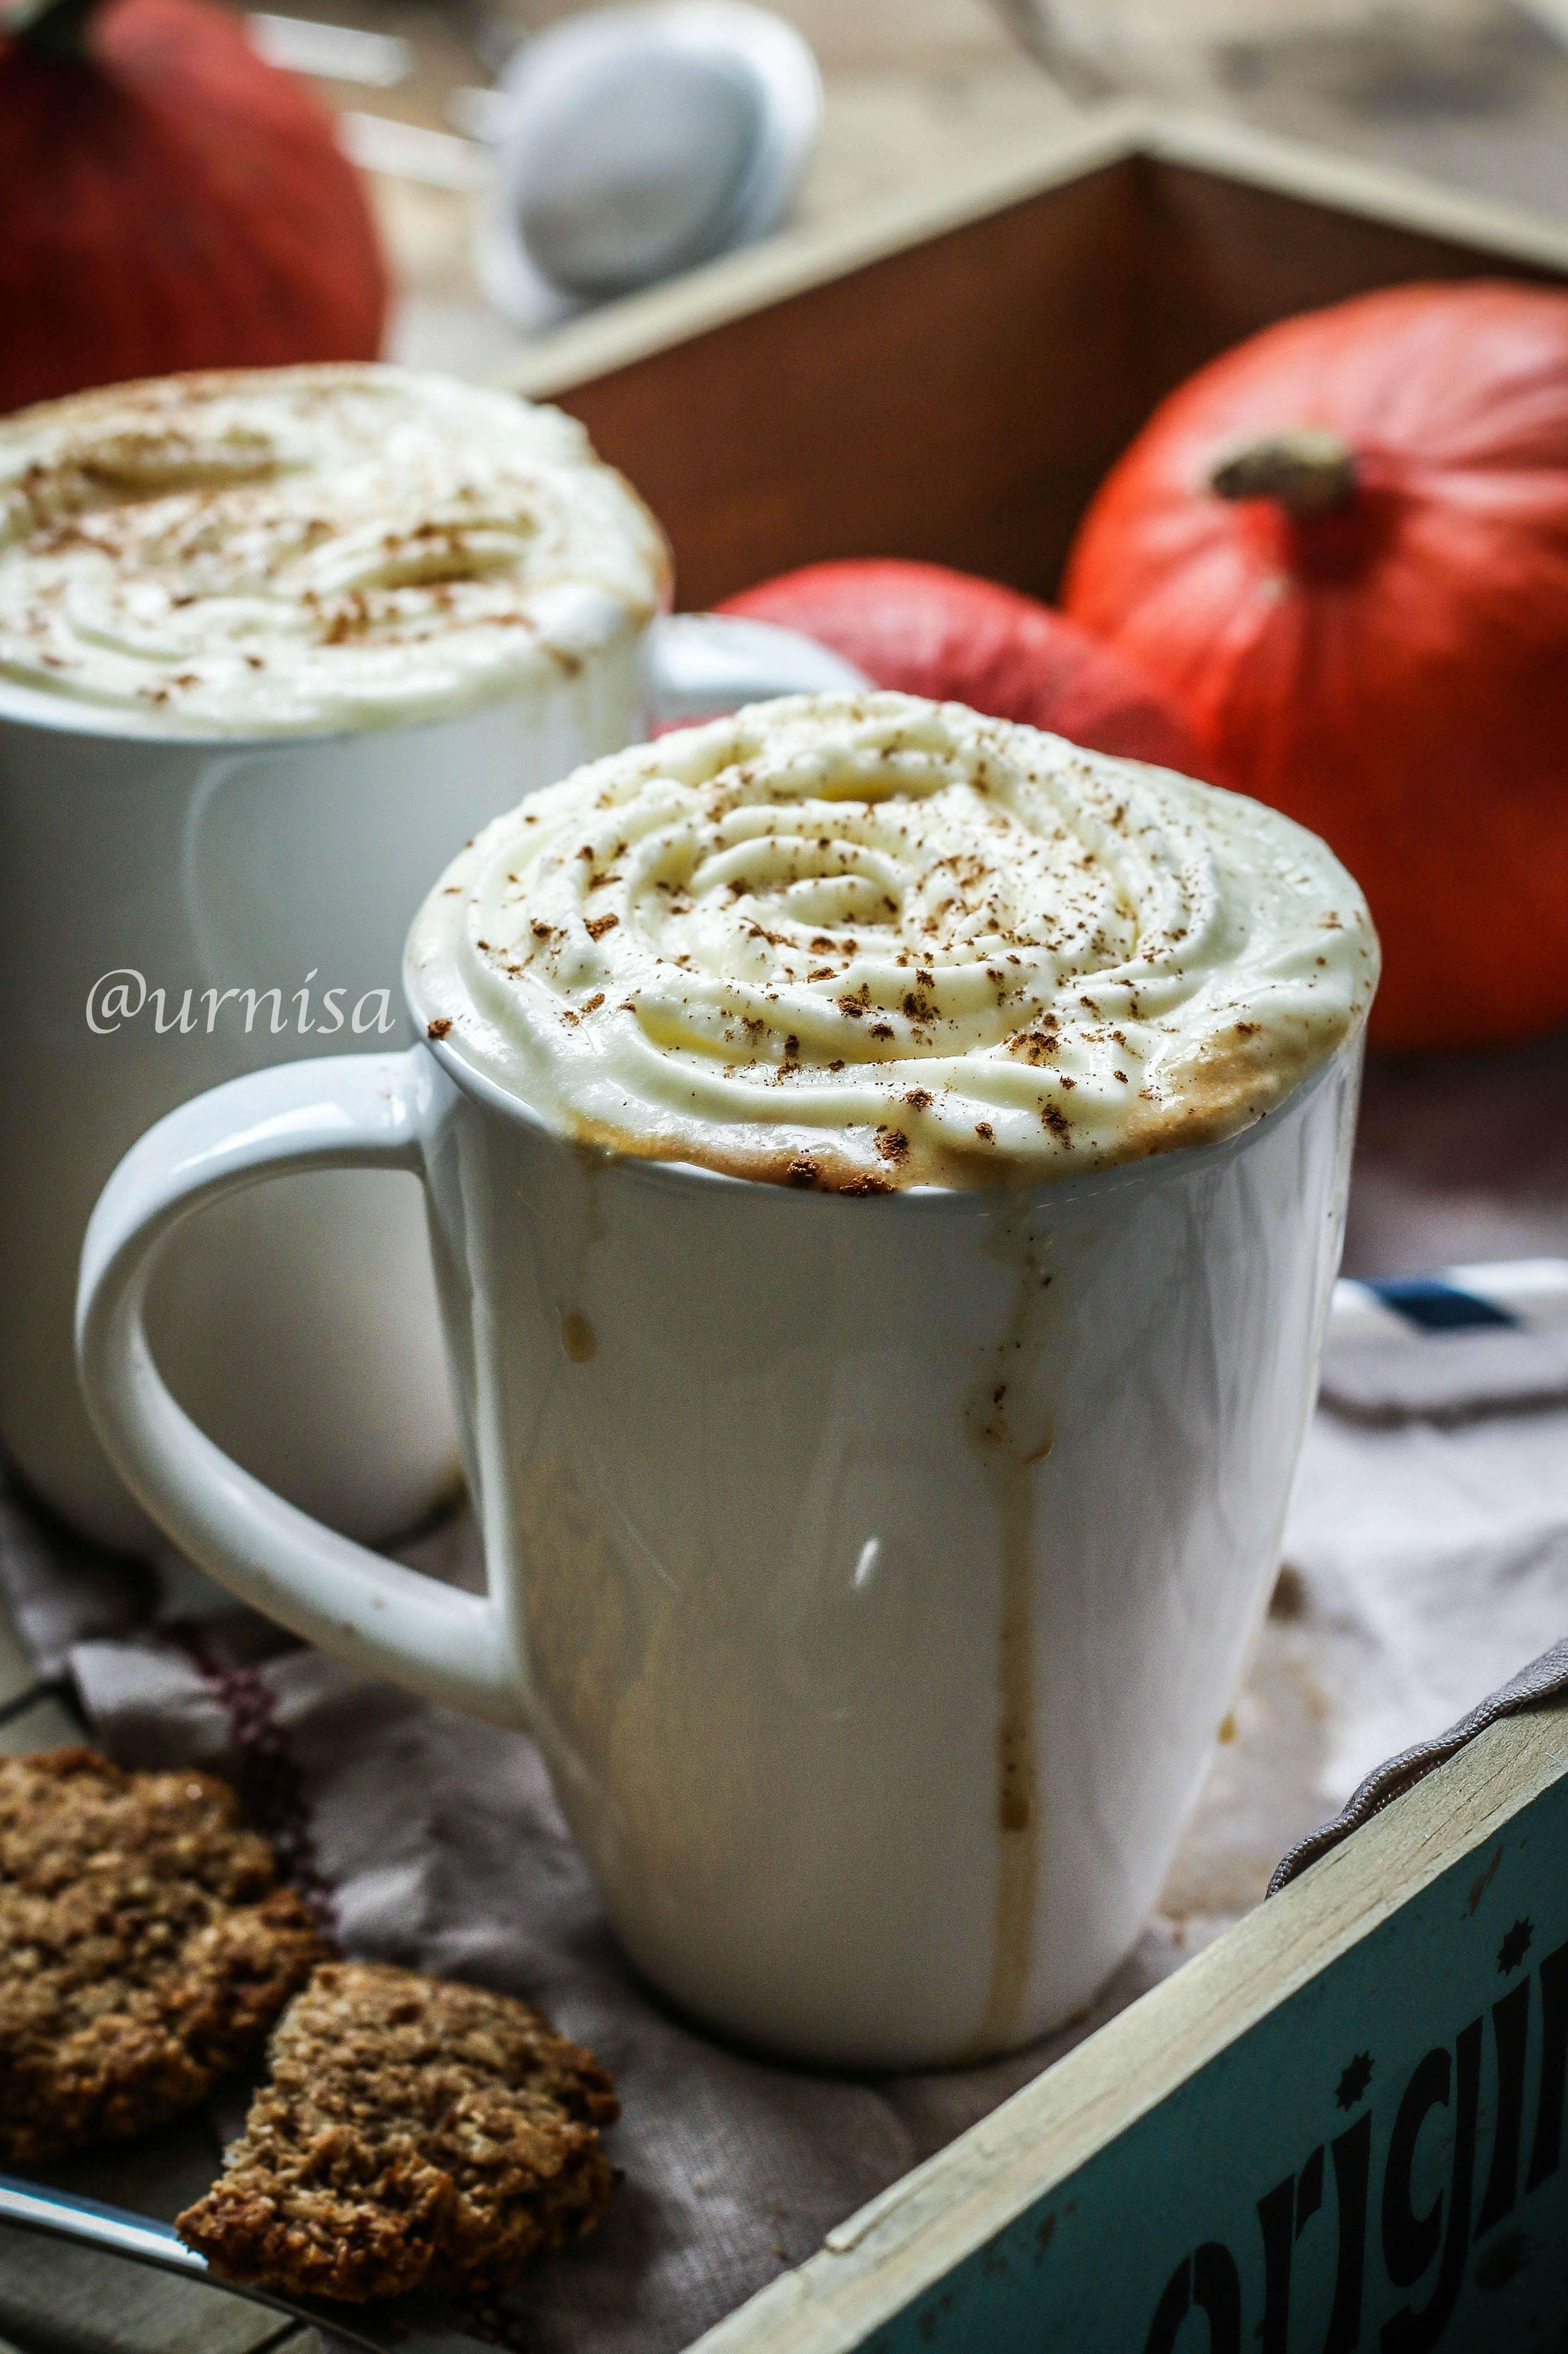 Как сделать чай латте и его способы приготовления из доступных ингредиентов.